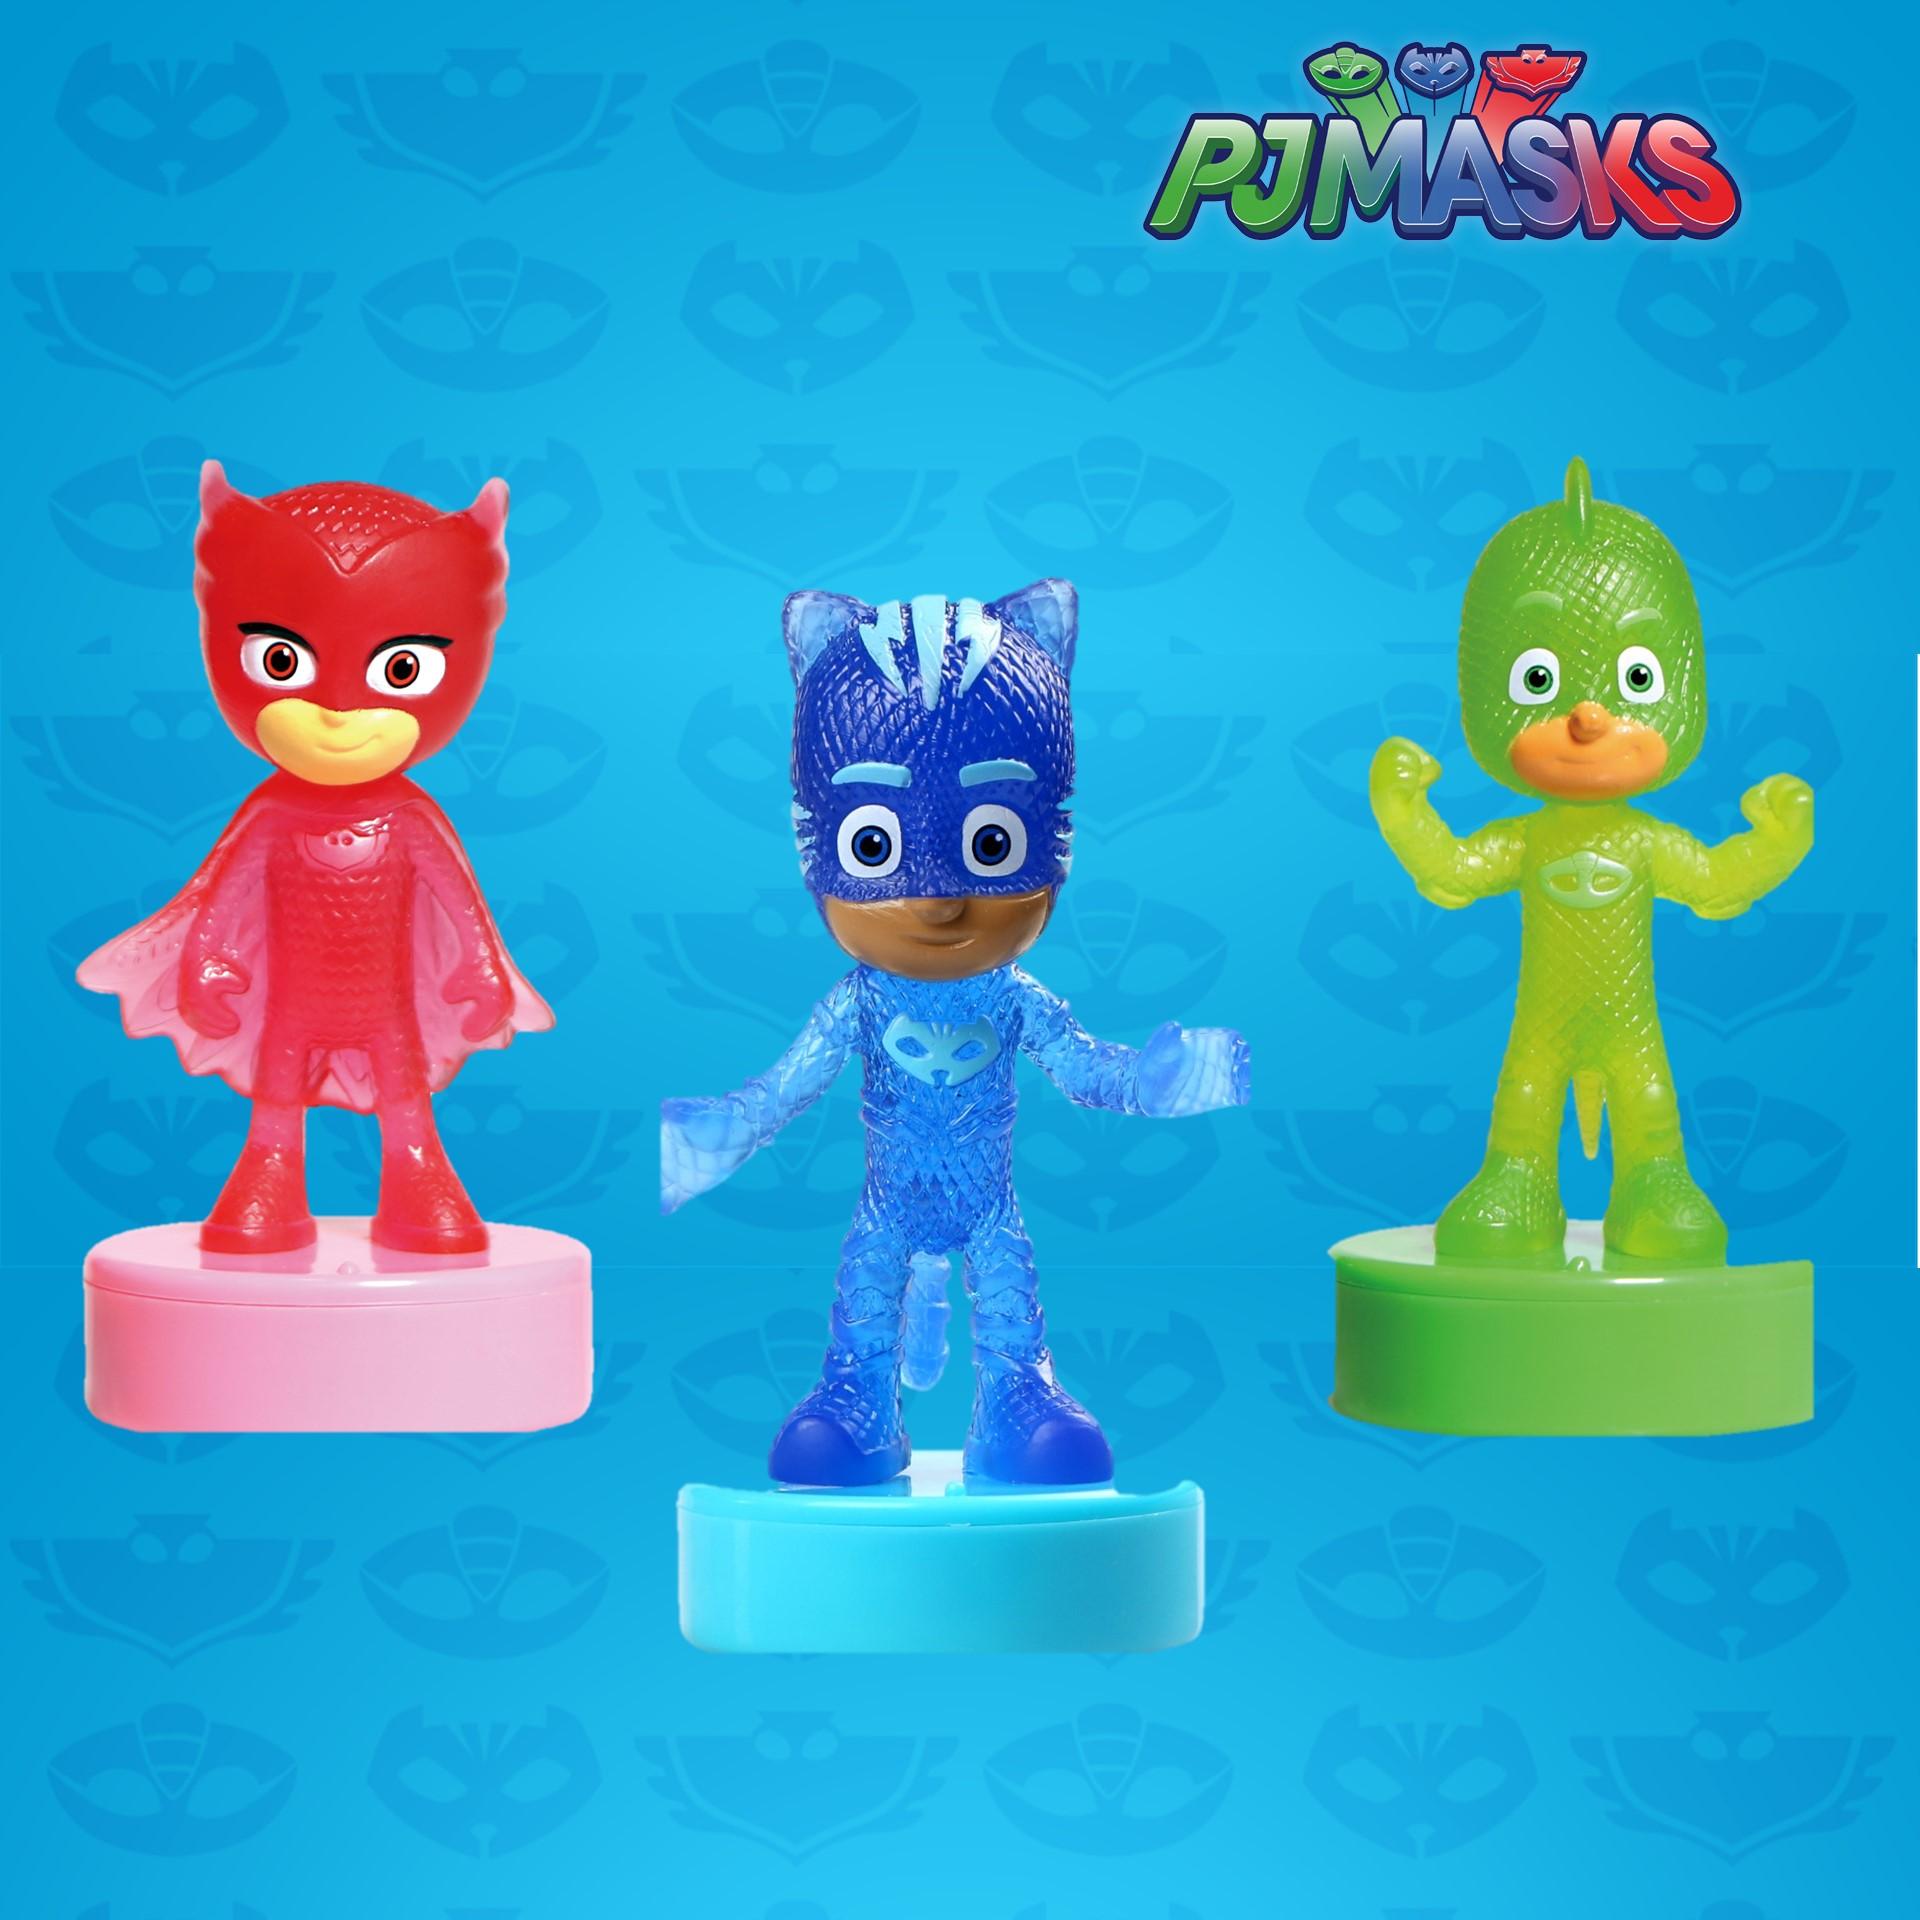 PJM37092 Pj Masks 3 Figuring Stamper Set (2)1